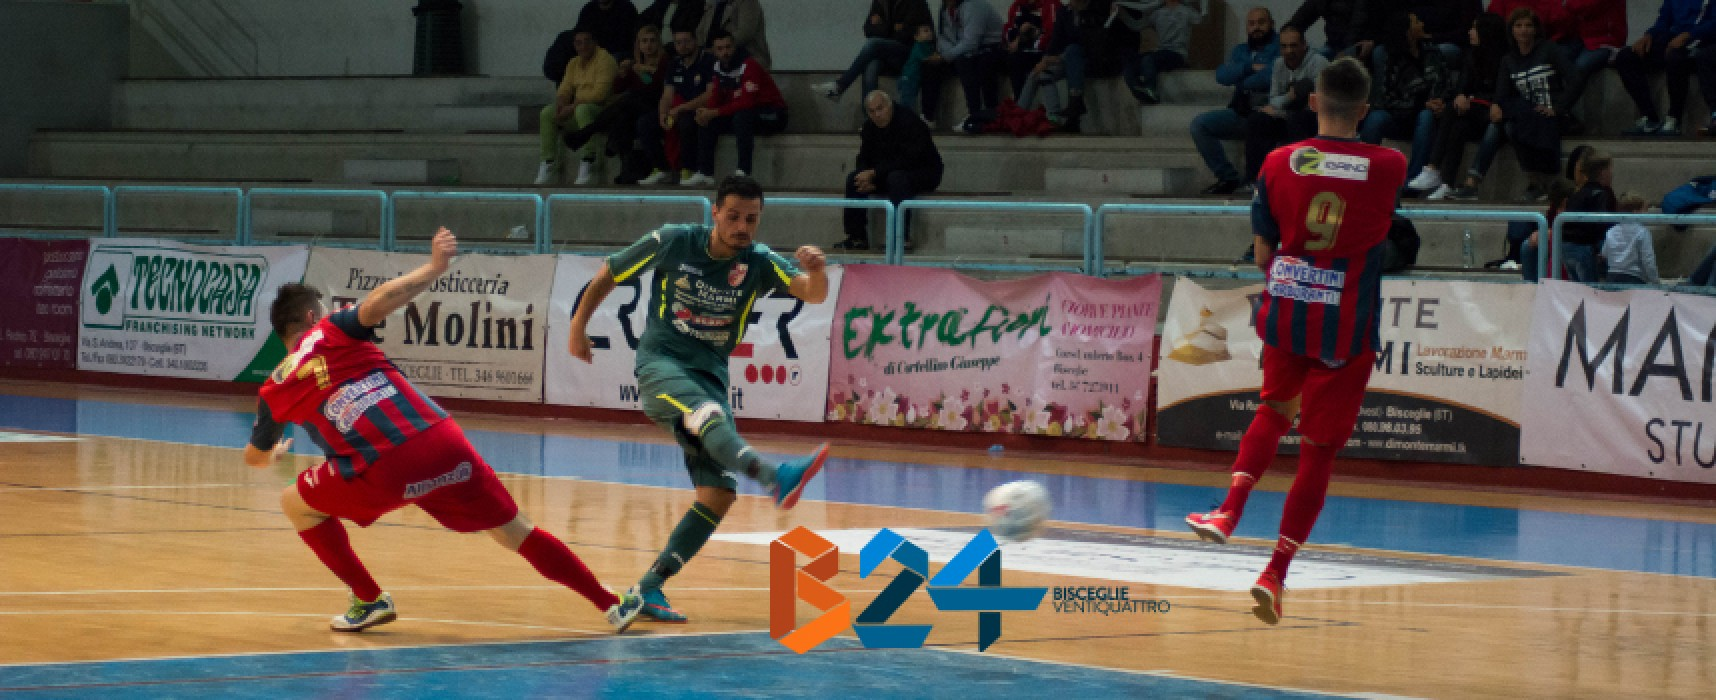 Futsal, Serie C1: Diaz ritrova il successo, Nettuno nuova sconfitta / RISULTATI e CLASSIFICA